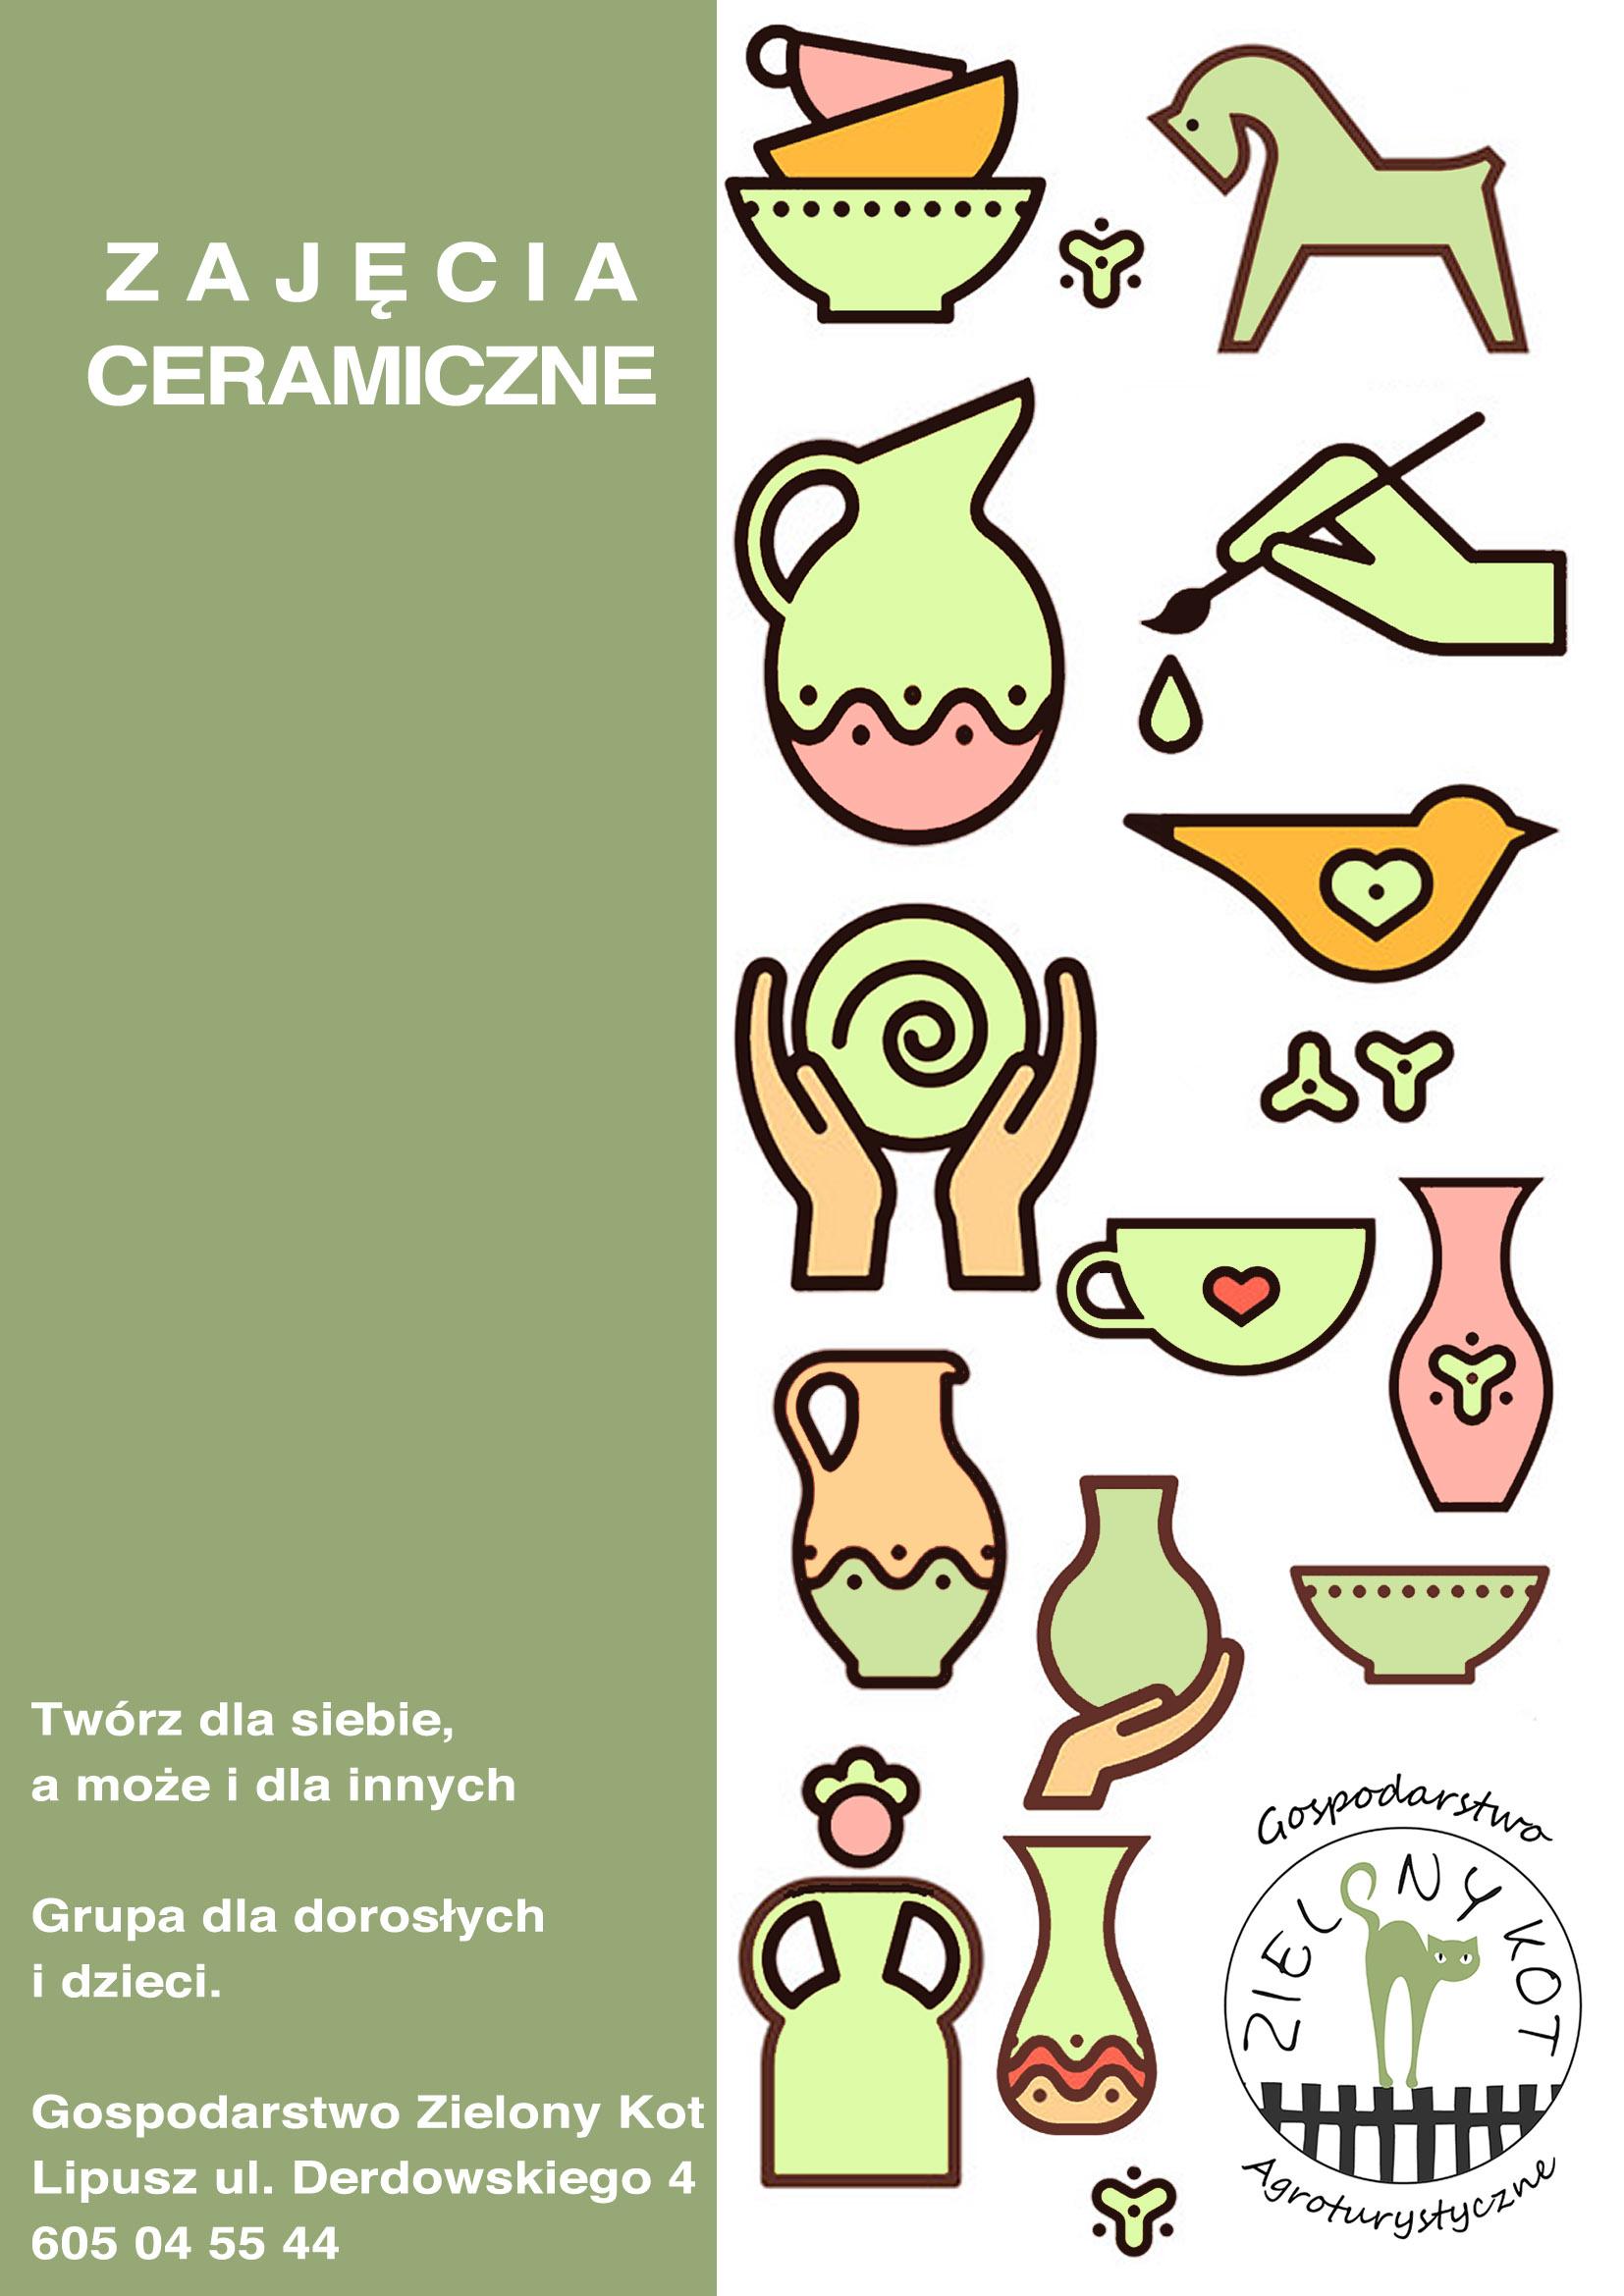 Plakat-Zajęcia Ceramiczne dla grup dzieci i dorosłych w Gospodarstwie Agroturystycznym Zielony Kot ul. Derdowskiego 4 telefon 605 04 55 44